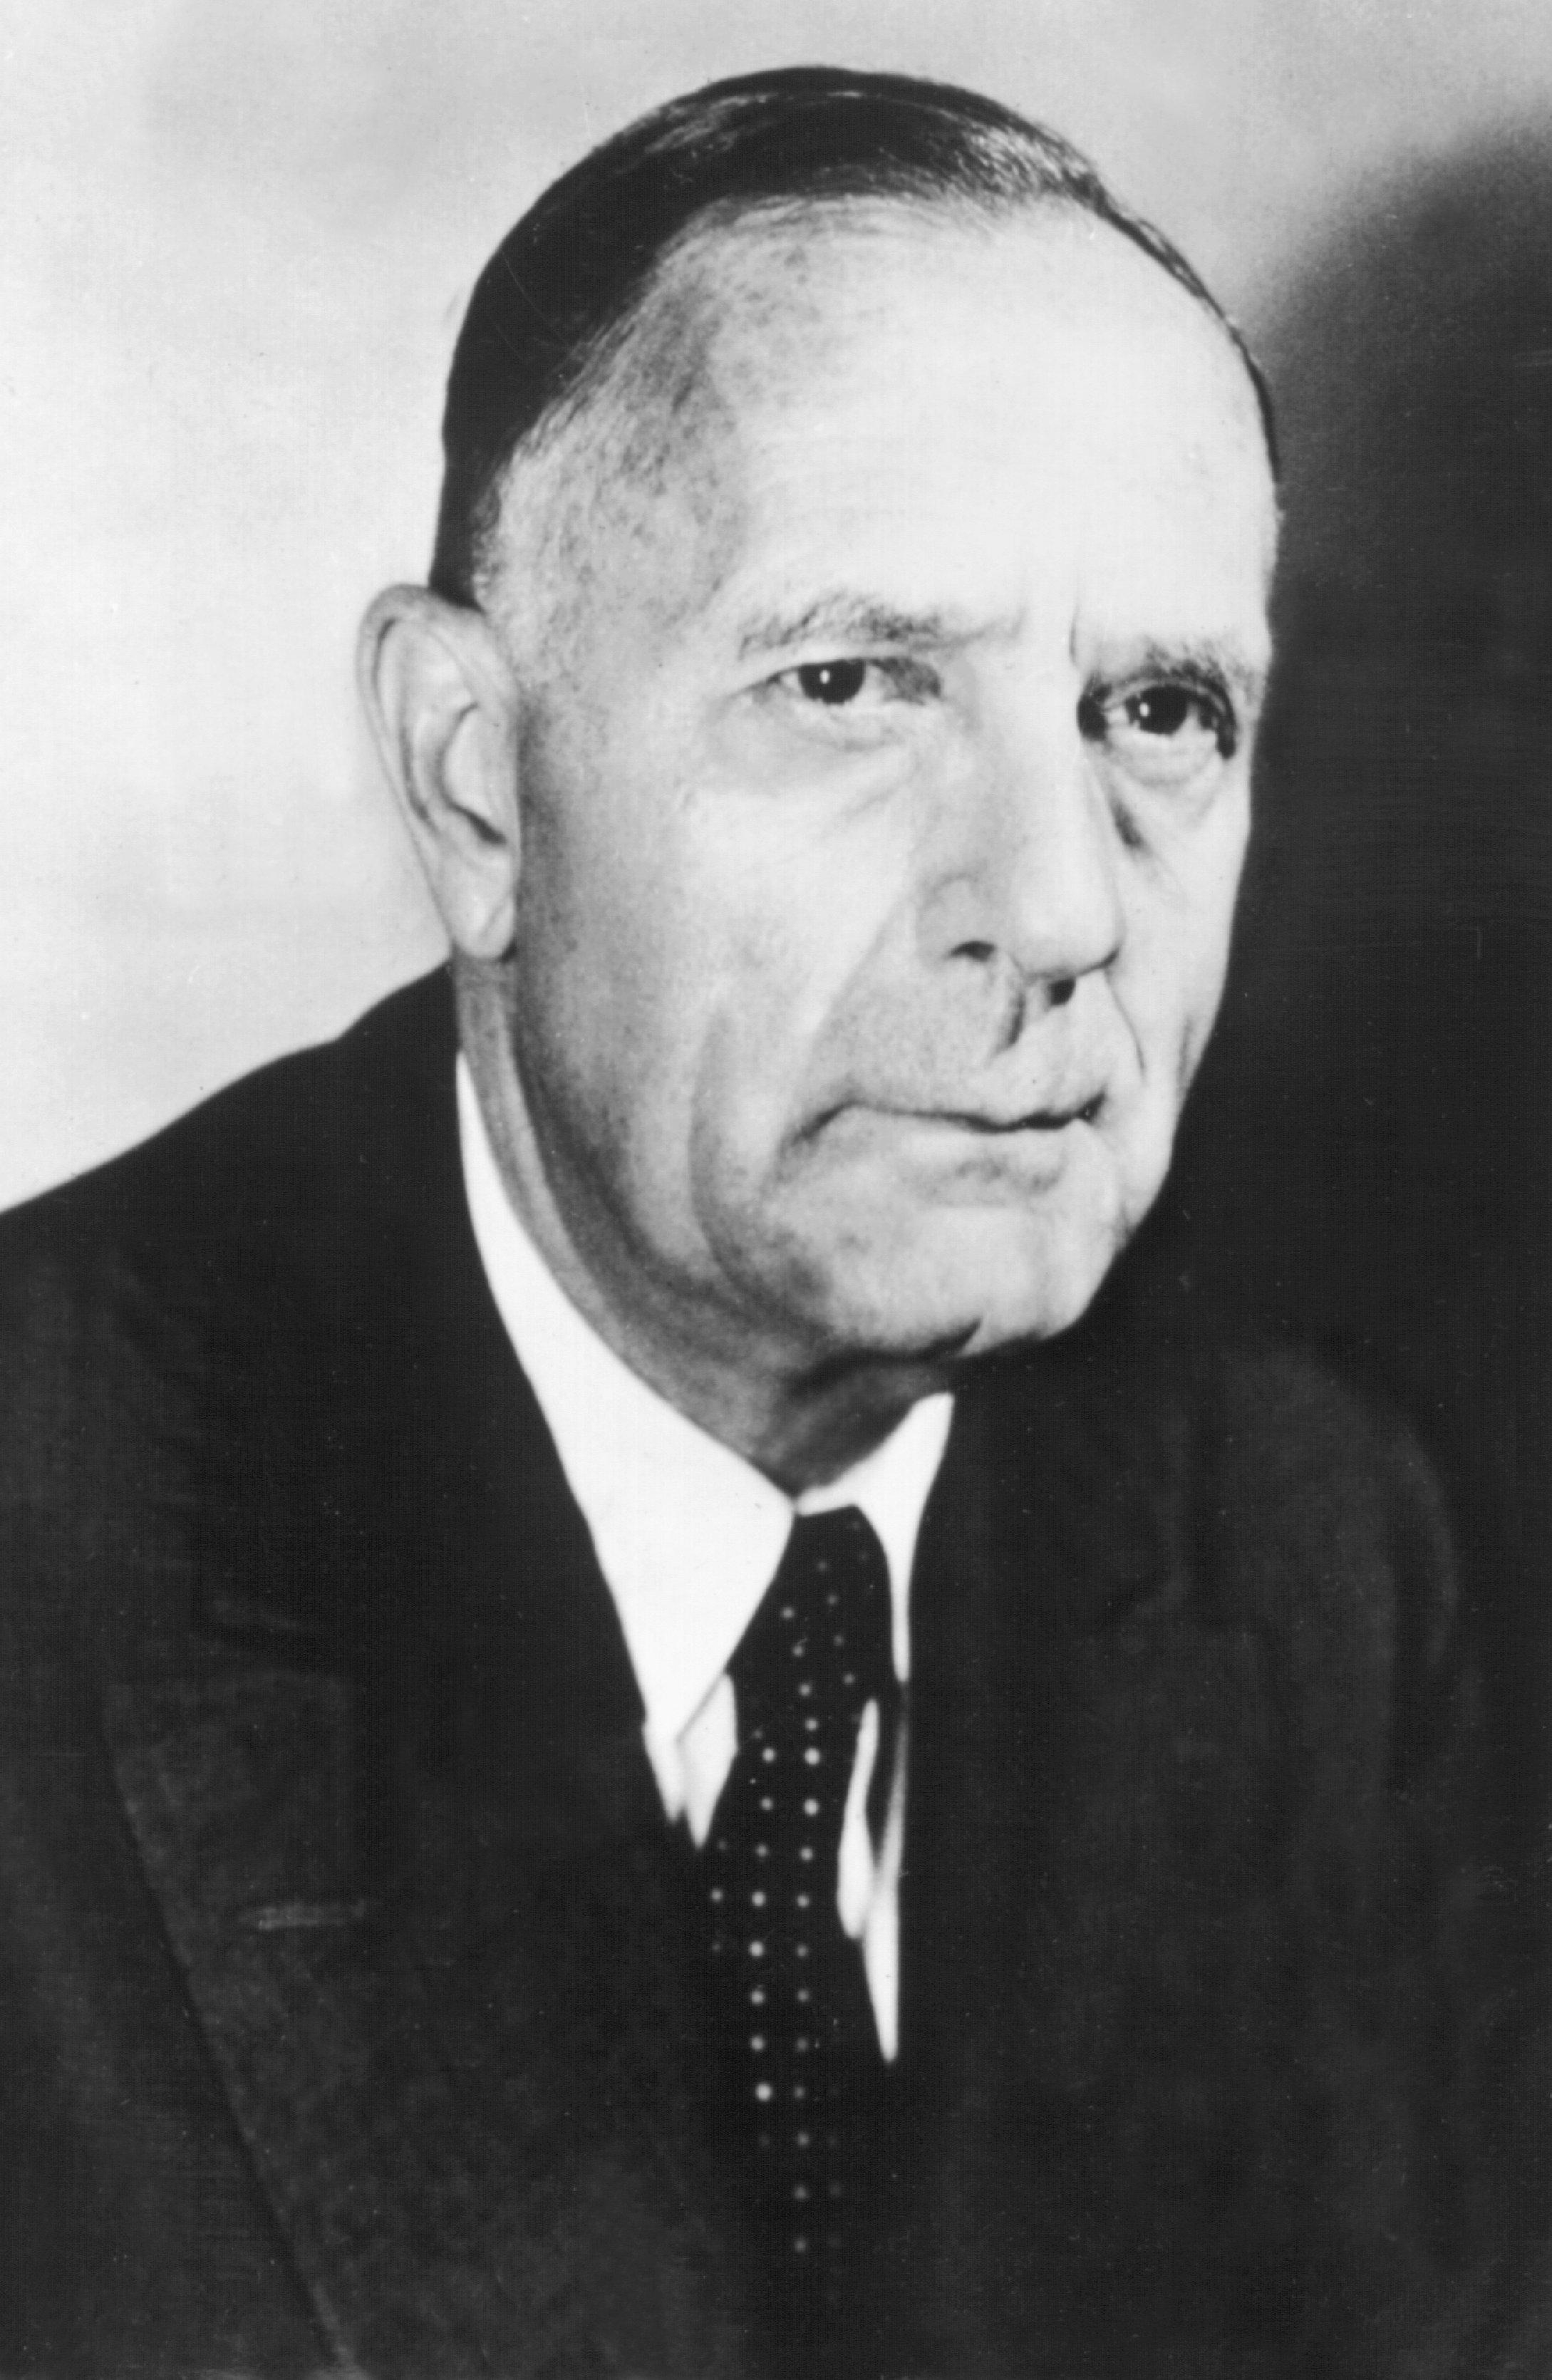 Während das Hubble-Weltraumteleskop vielen ein Begriff ist, kennen den Namensgeber Edwin Powell Hubble (1889-1953) weit weniger Menschen. Hubble gilt als der bedeutendste beobachtende Kosmologe des 20. Jahrhunderts.